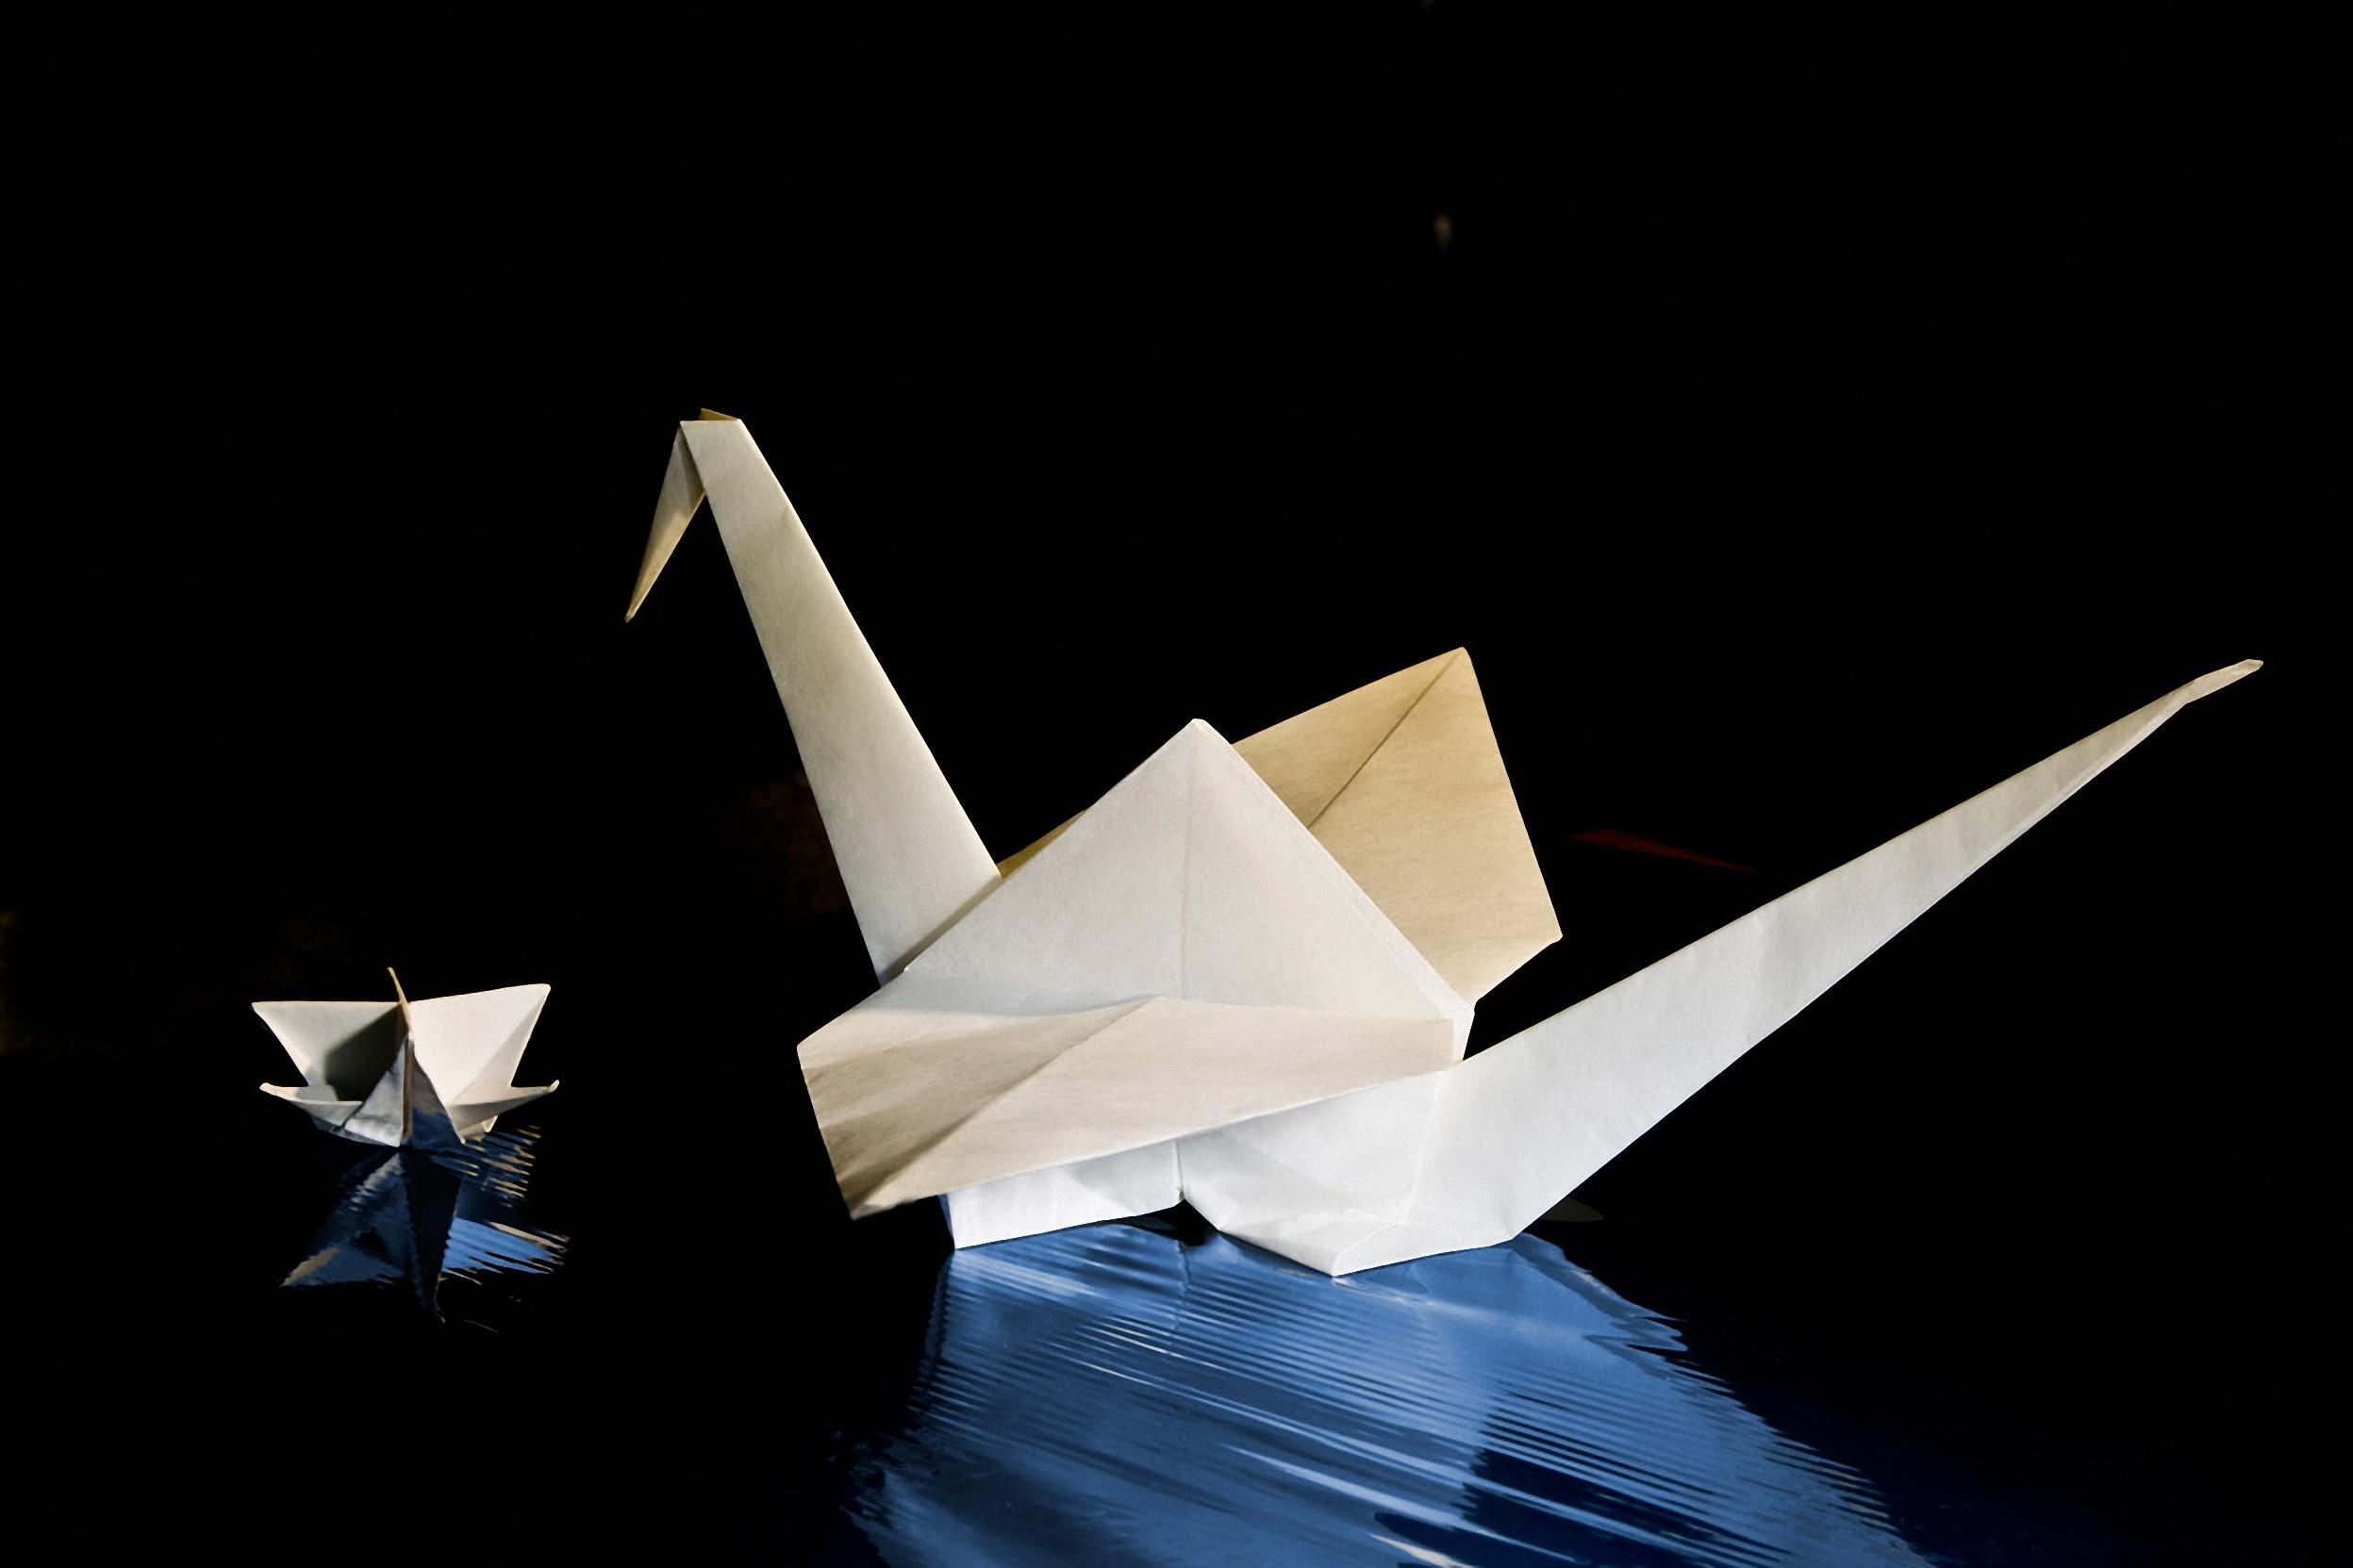 Free images wing light white wheel star blue swan wing light white wheel star blue paper swan art symmetry fold shape effect folding origami kink jeuxipadfo Images